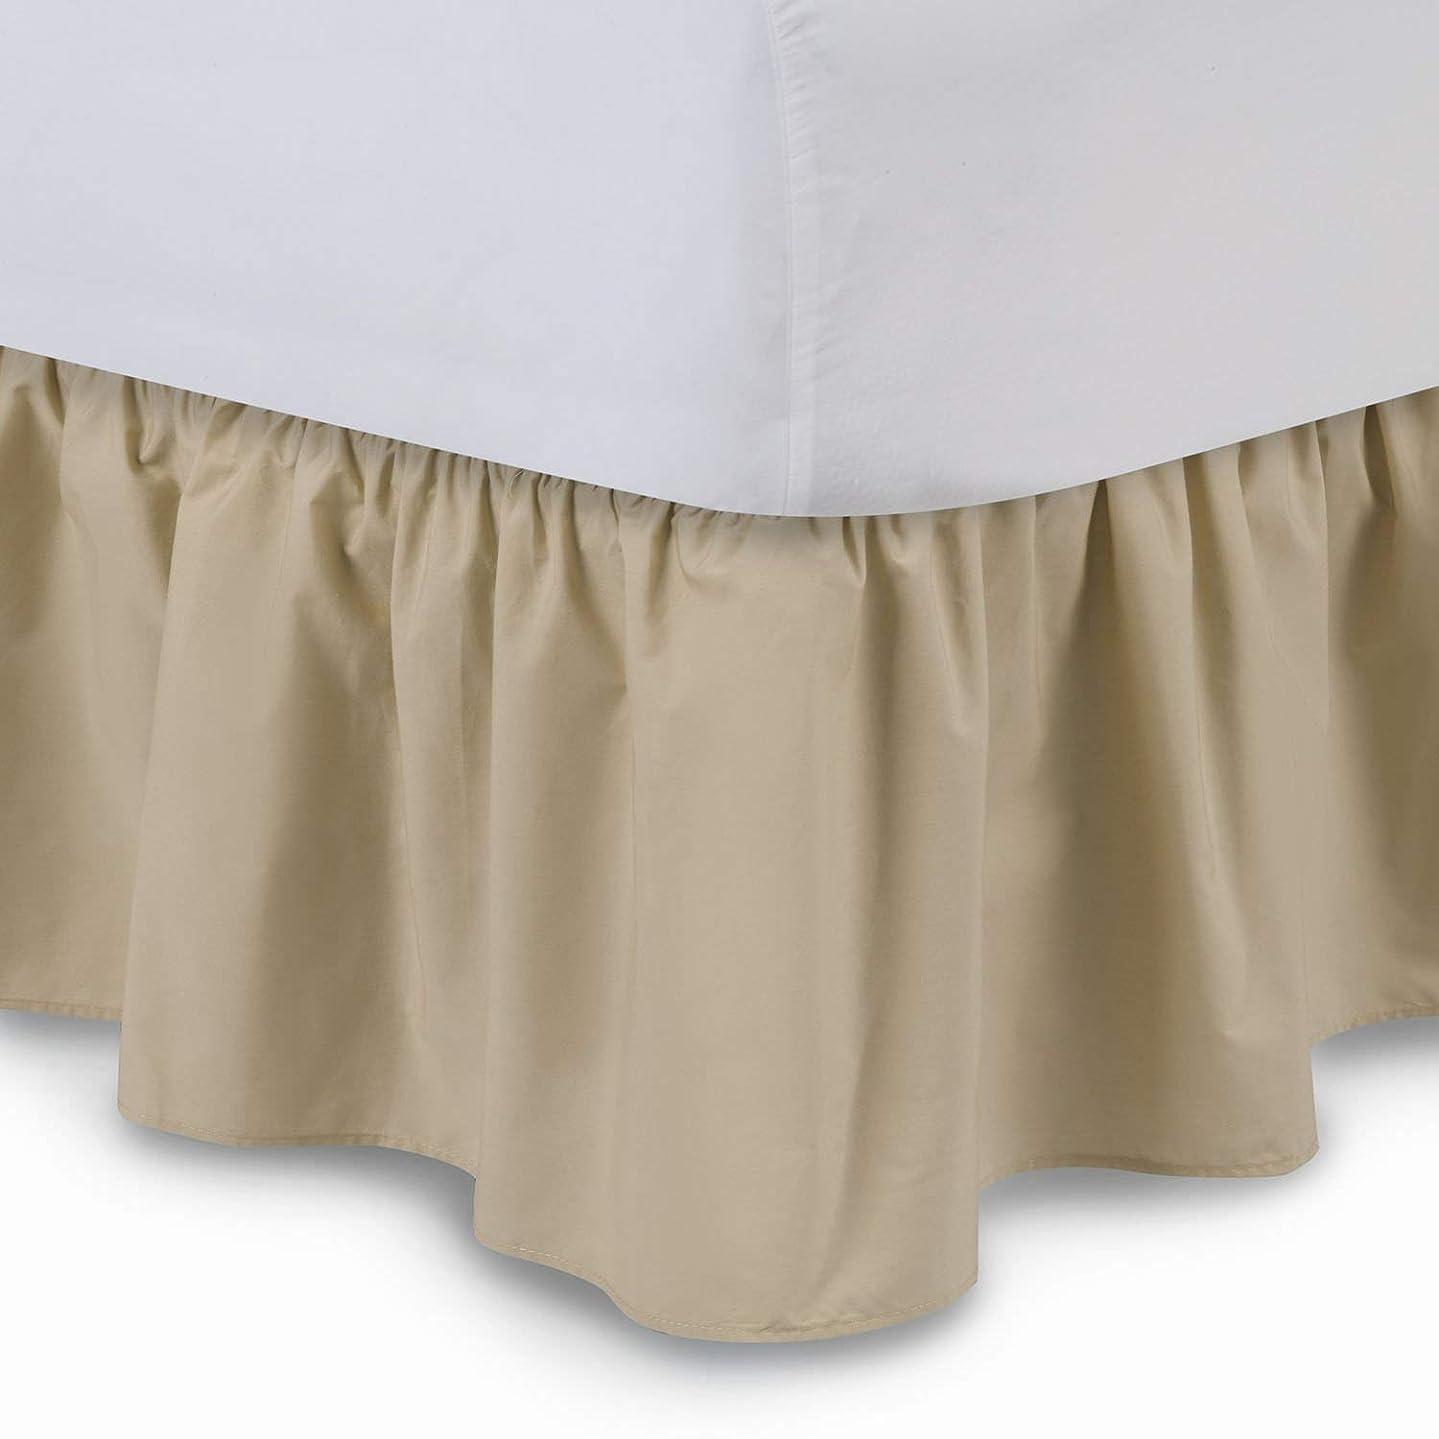 遡る劇作家反動Uniwaresal コットンベッドスカート プラットフォーム付き 18インチ オリンピッククイーンサイズ キャメル